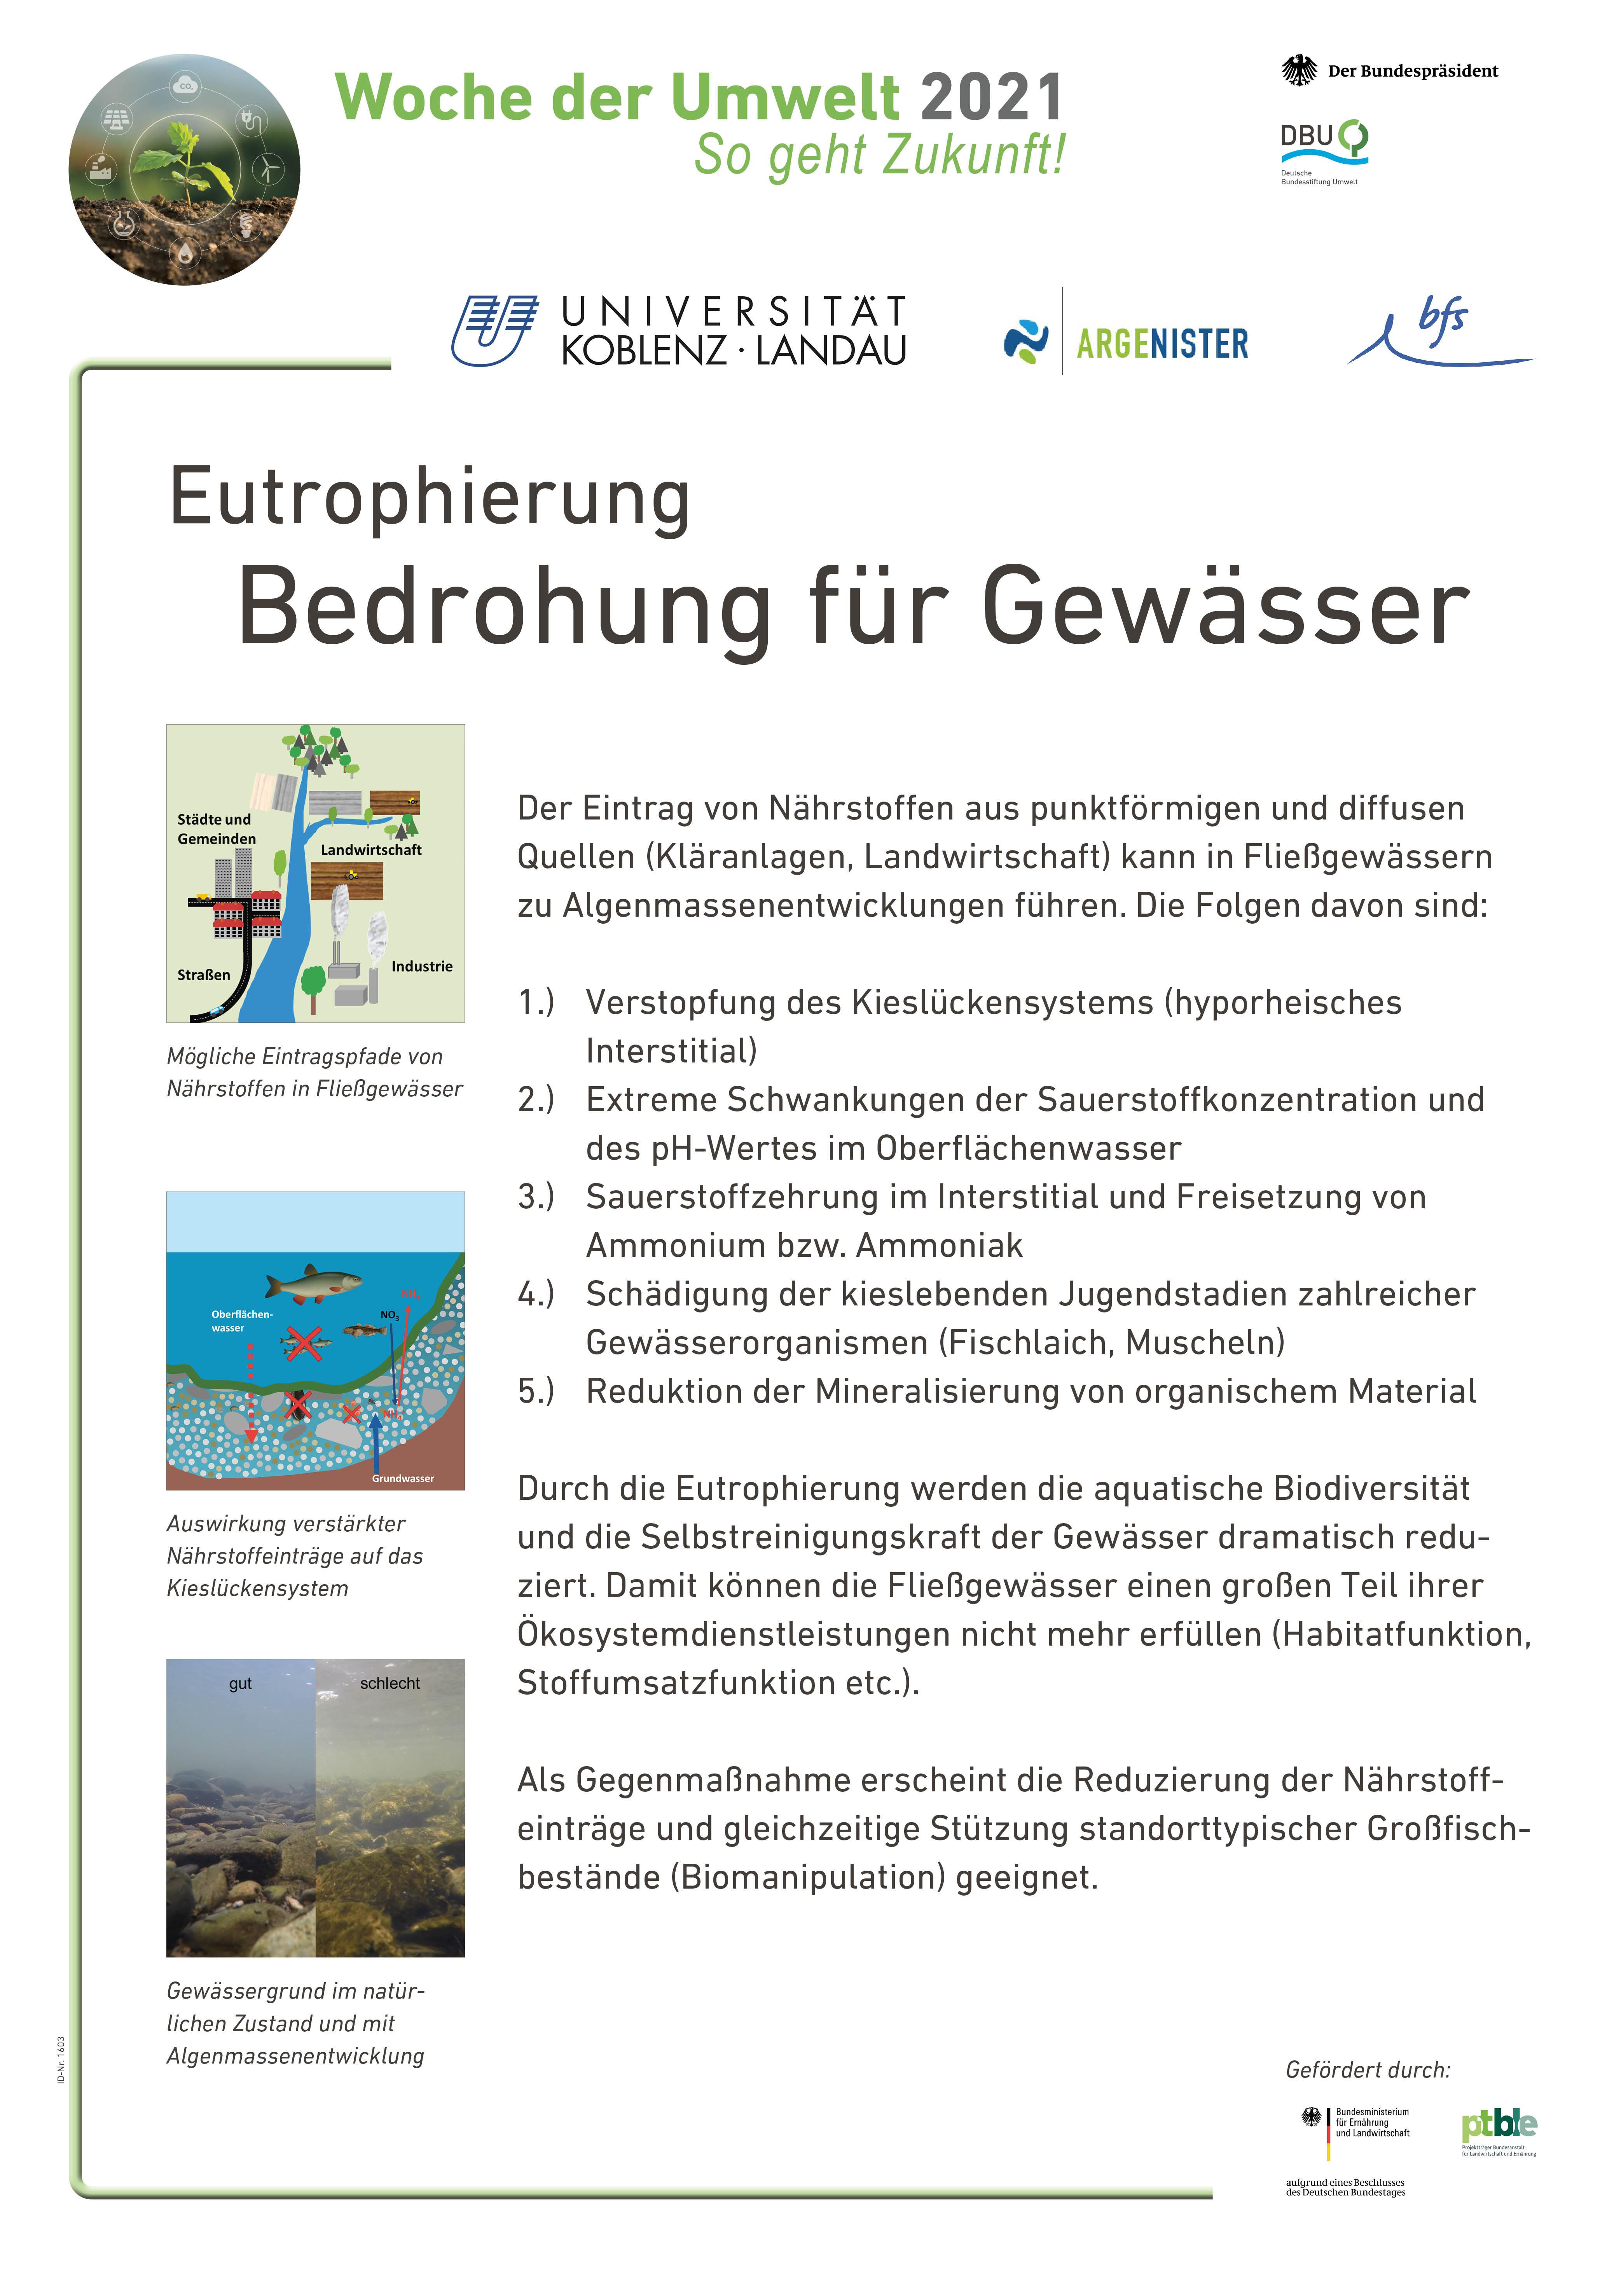 Eutrophierung: Bedrohung für das Gewässer